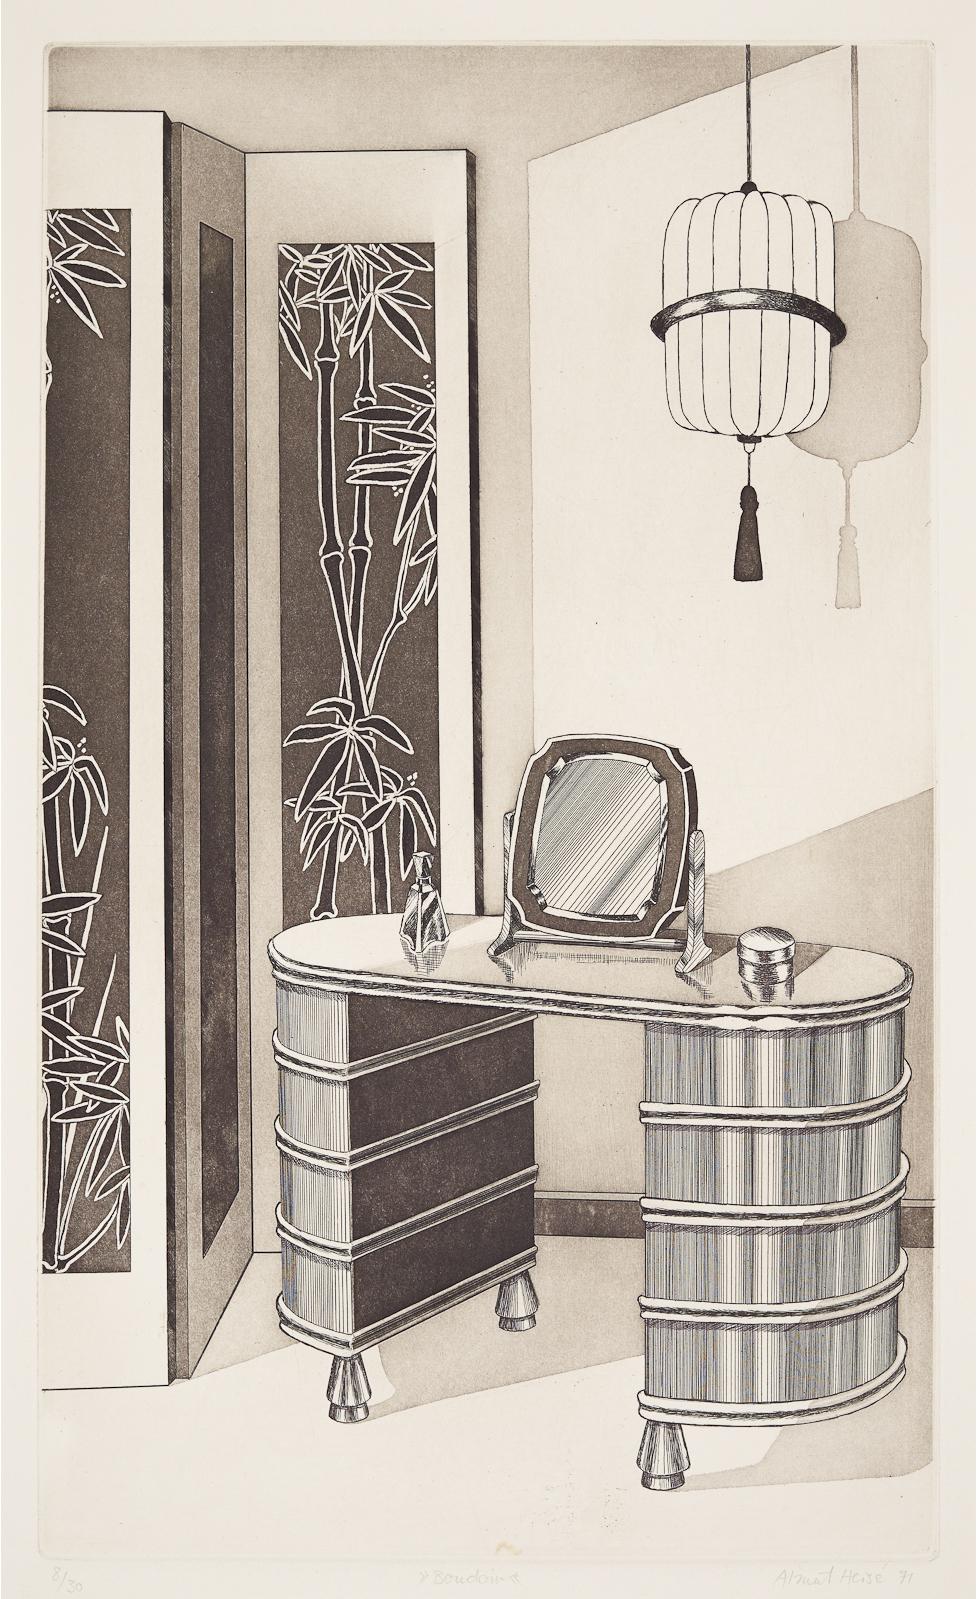 Almut Heise    Boudoir . 1971 Strichätzung, Aquatinta . 51 x 31 cm Auflage 30 . s  igniert und datiert  1.000 Euro    unverbindliche Anfrage